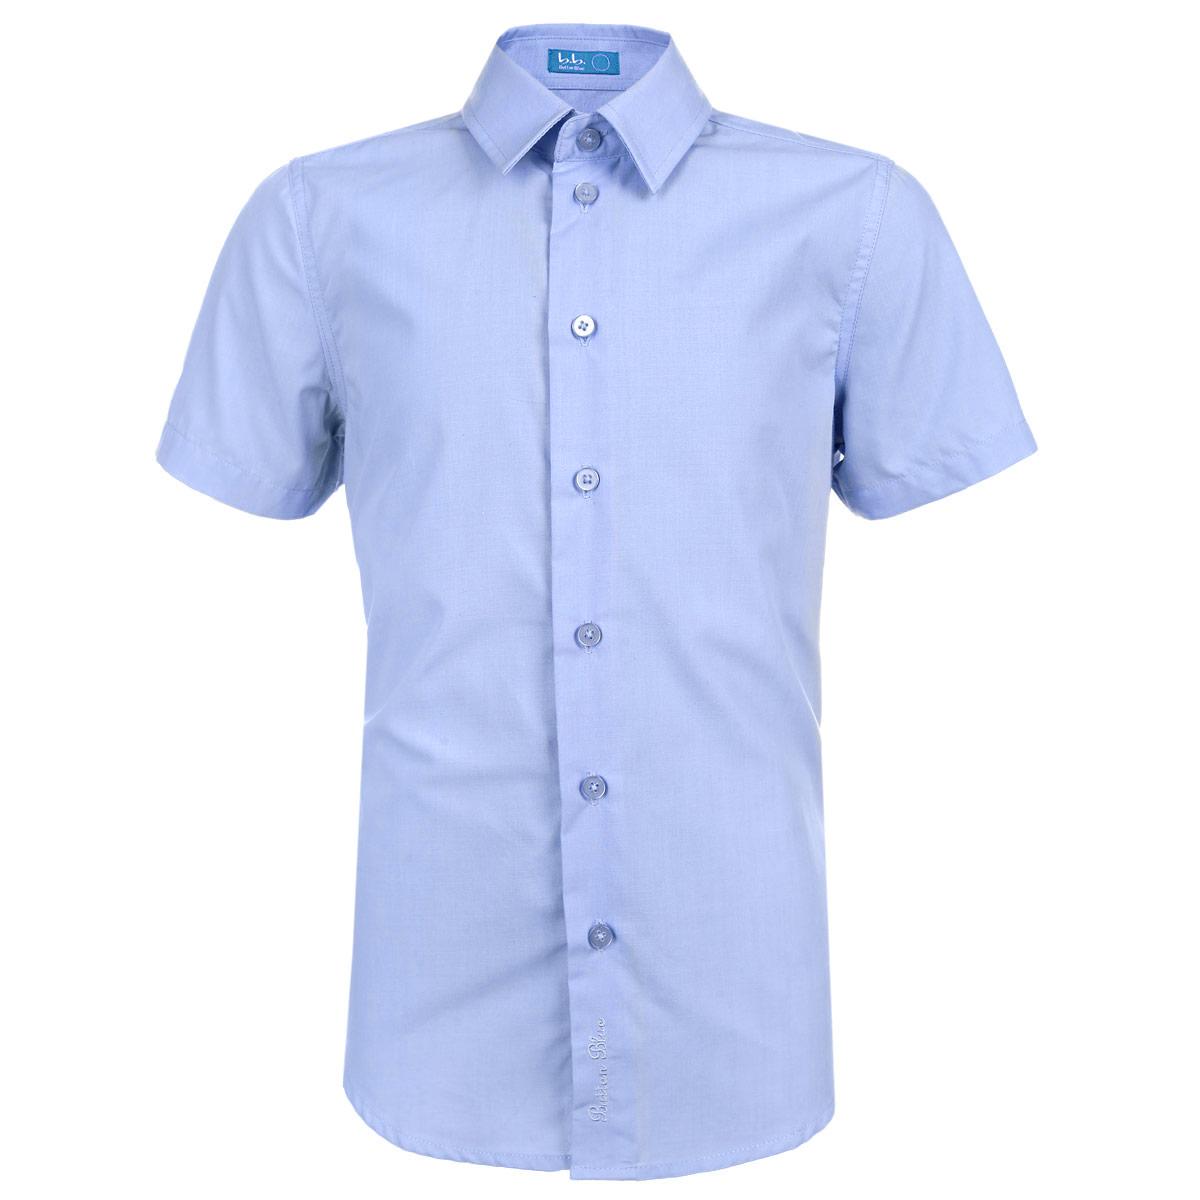 Рубашка для мальчика. 215BBBS2306215BBBS2306Стильная рубашка для мальчика Button Blue идеально подойдет вашему ребенку. Изготовленная из хлопка и полиэстера, она мягкая и приятная на ощупь, не сковывает движения и позволяет коже дышать, не раздражает даже самую нежную и чувствительную кожу ребенка, обеспечивая ему наибольший комфорт. Рубашка классического кроя с короткими рукавами и отложным воротничком застегивается на пуговицы. Оформлено изделие понизу фирменной вышивкой в виде названия бренда. Воротник оформлен прострочкой. Низ изделия по бокам закруглен. Современный дизайн и модная расцветка делают эту рубашку стильным предметом детского гардероба. Ее можно носить как с джинсами, так и с классическими брюками.